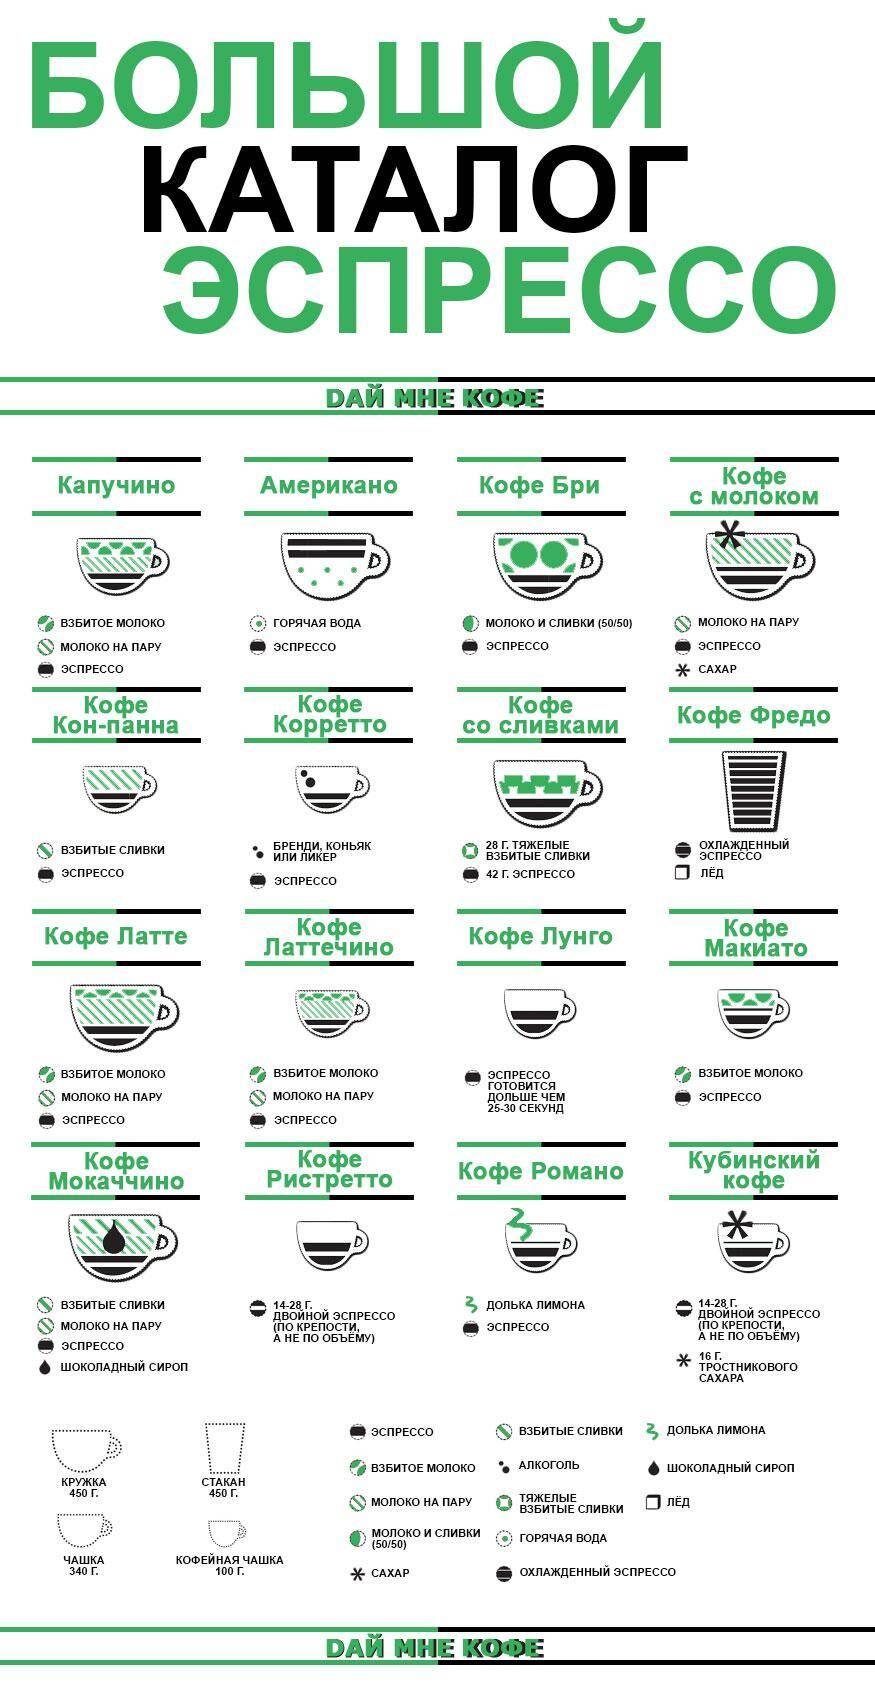 Кофе по-венски: как его приготовить (аристократический рецепт)